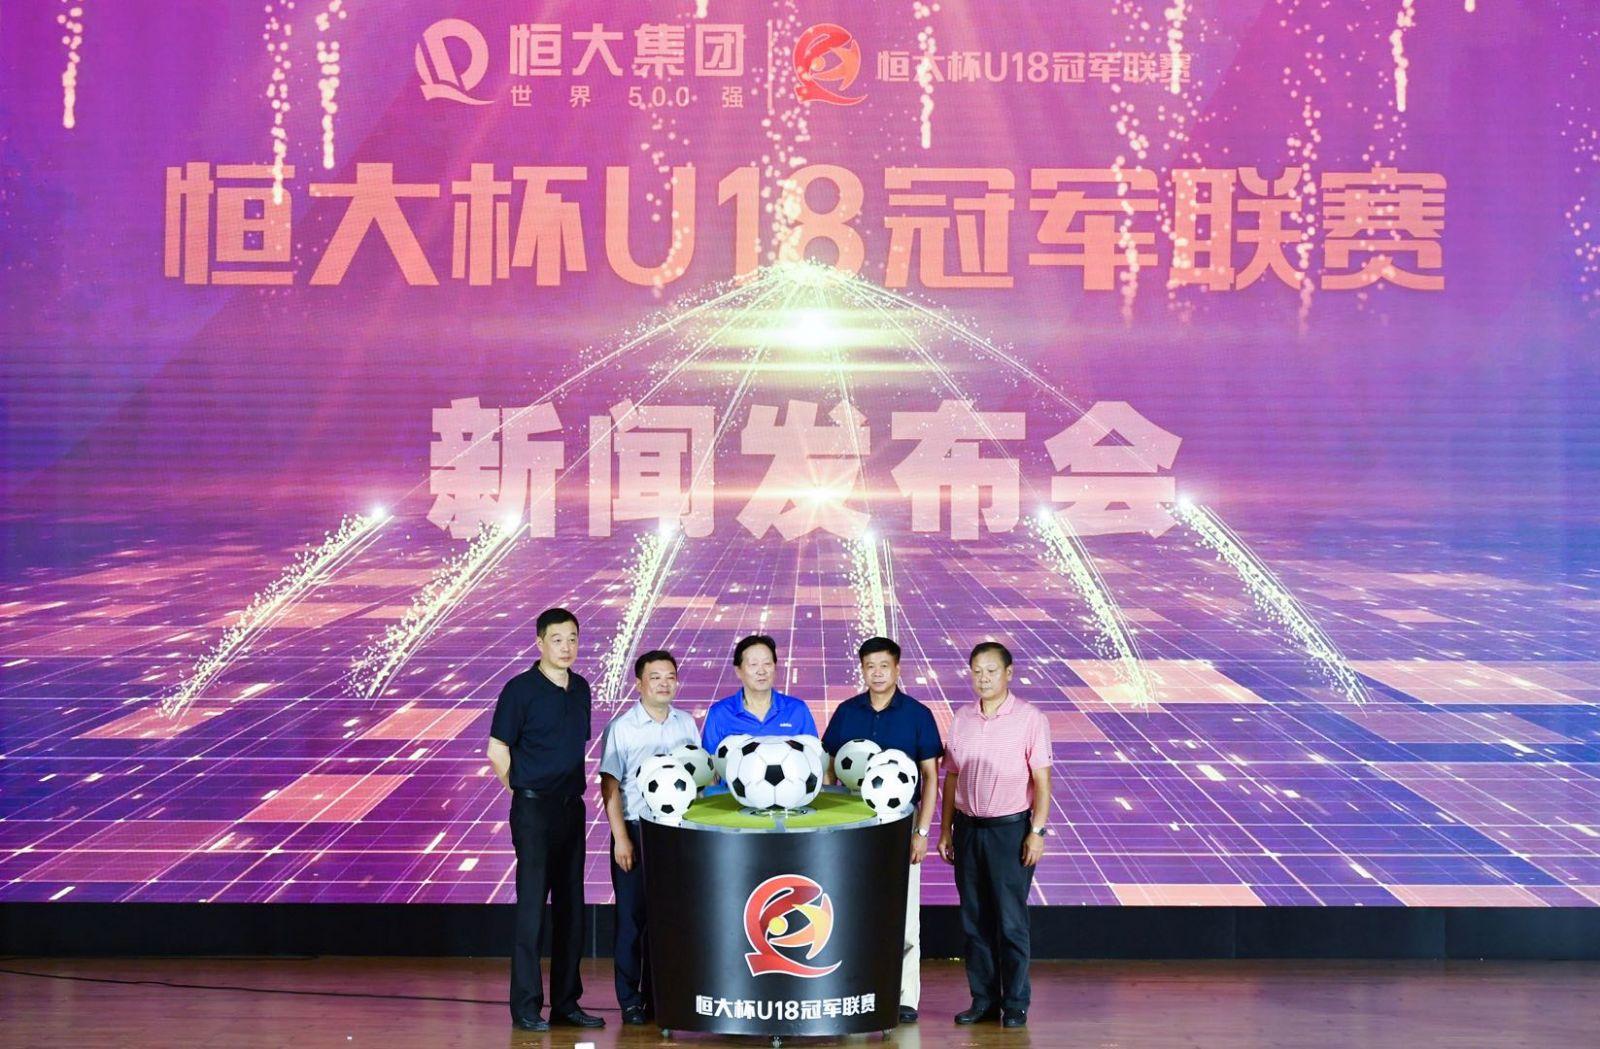 恒大杯U18冠军联赛国际足球开幕,参赛队包括中超、中甲梯队